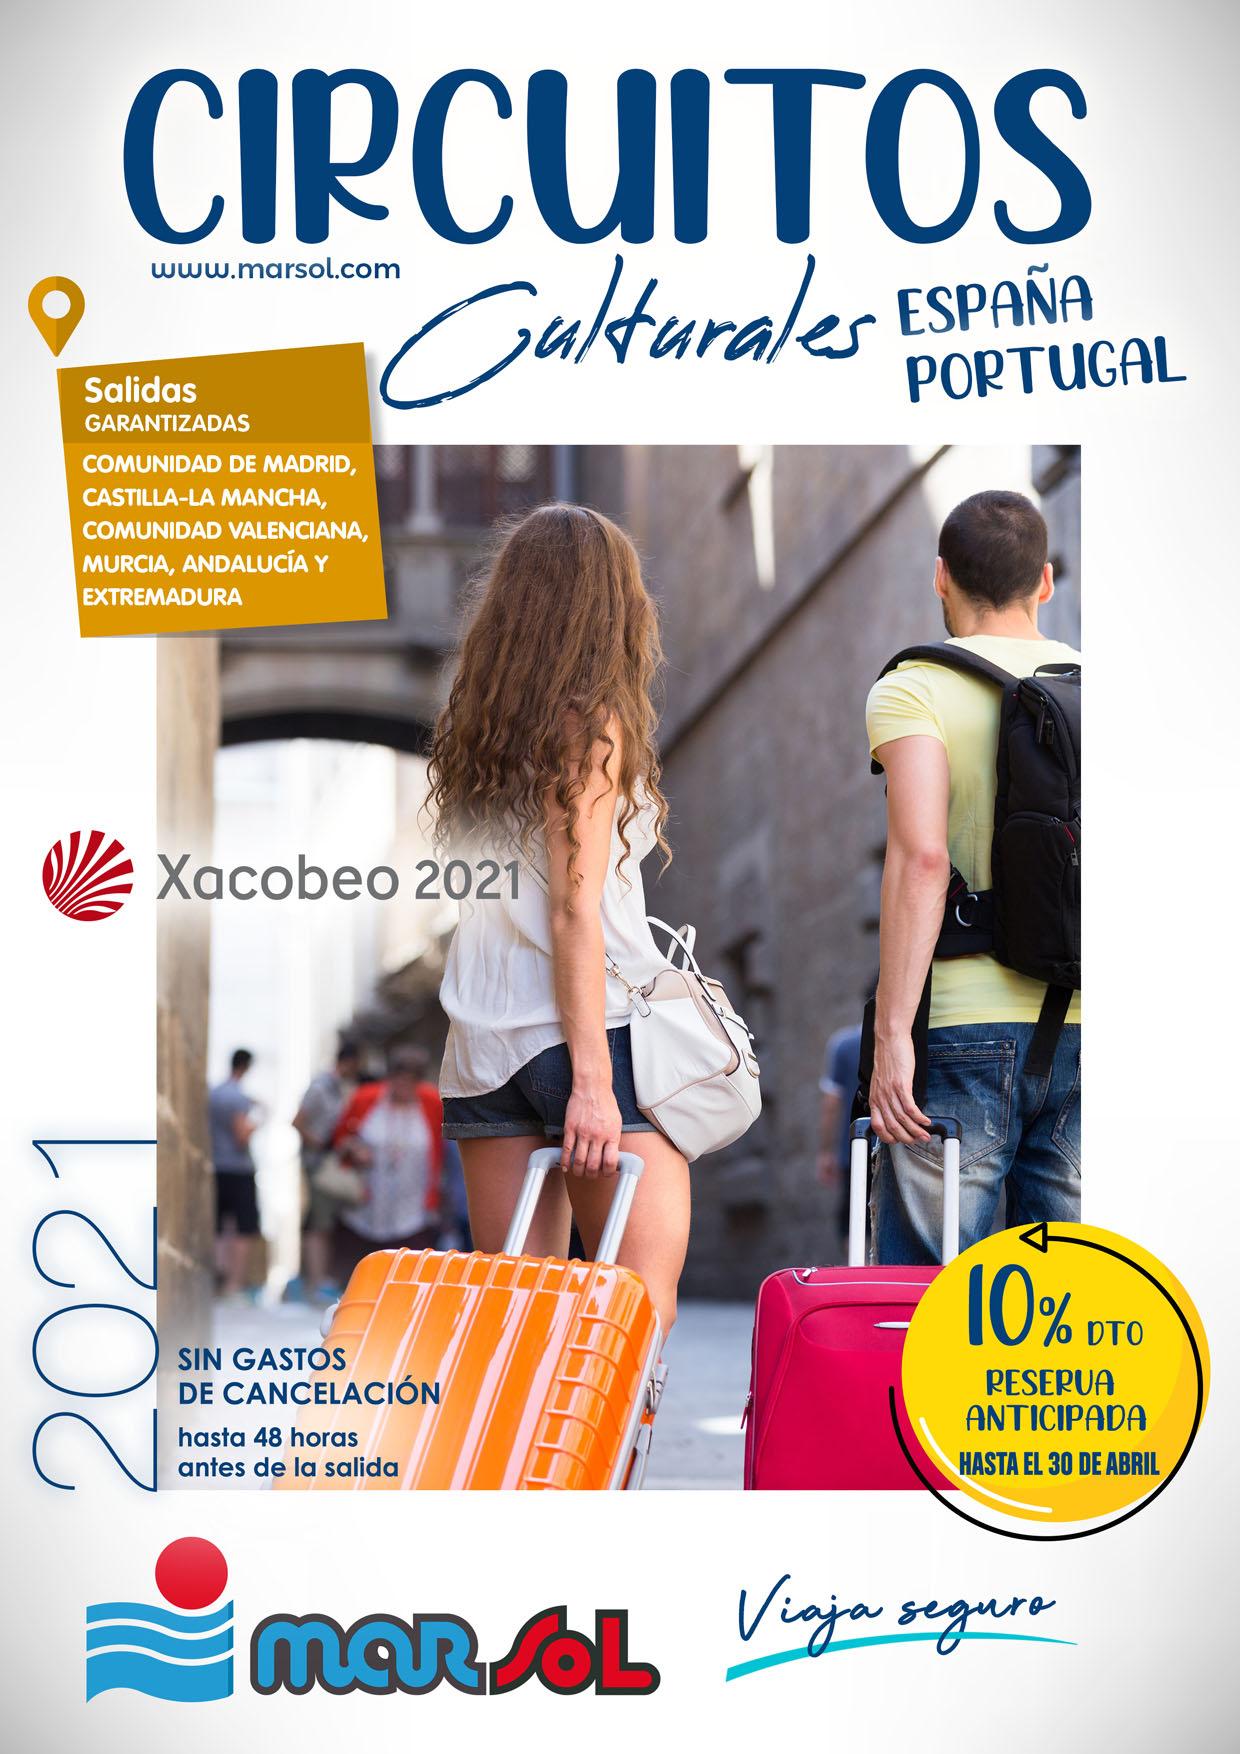 Catalogo Marsol Circuitos España y Portugal Verano 2021 Salidas zona Centro Sur y Este